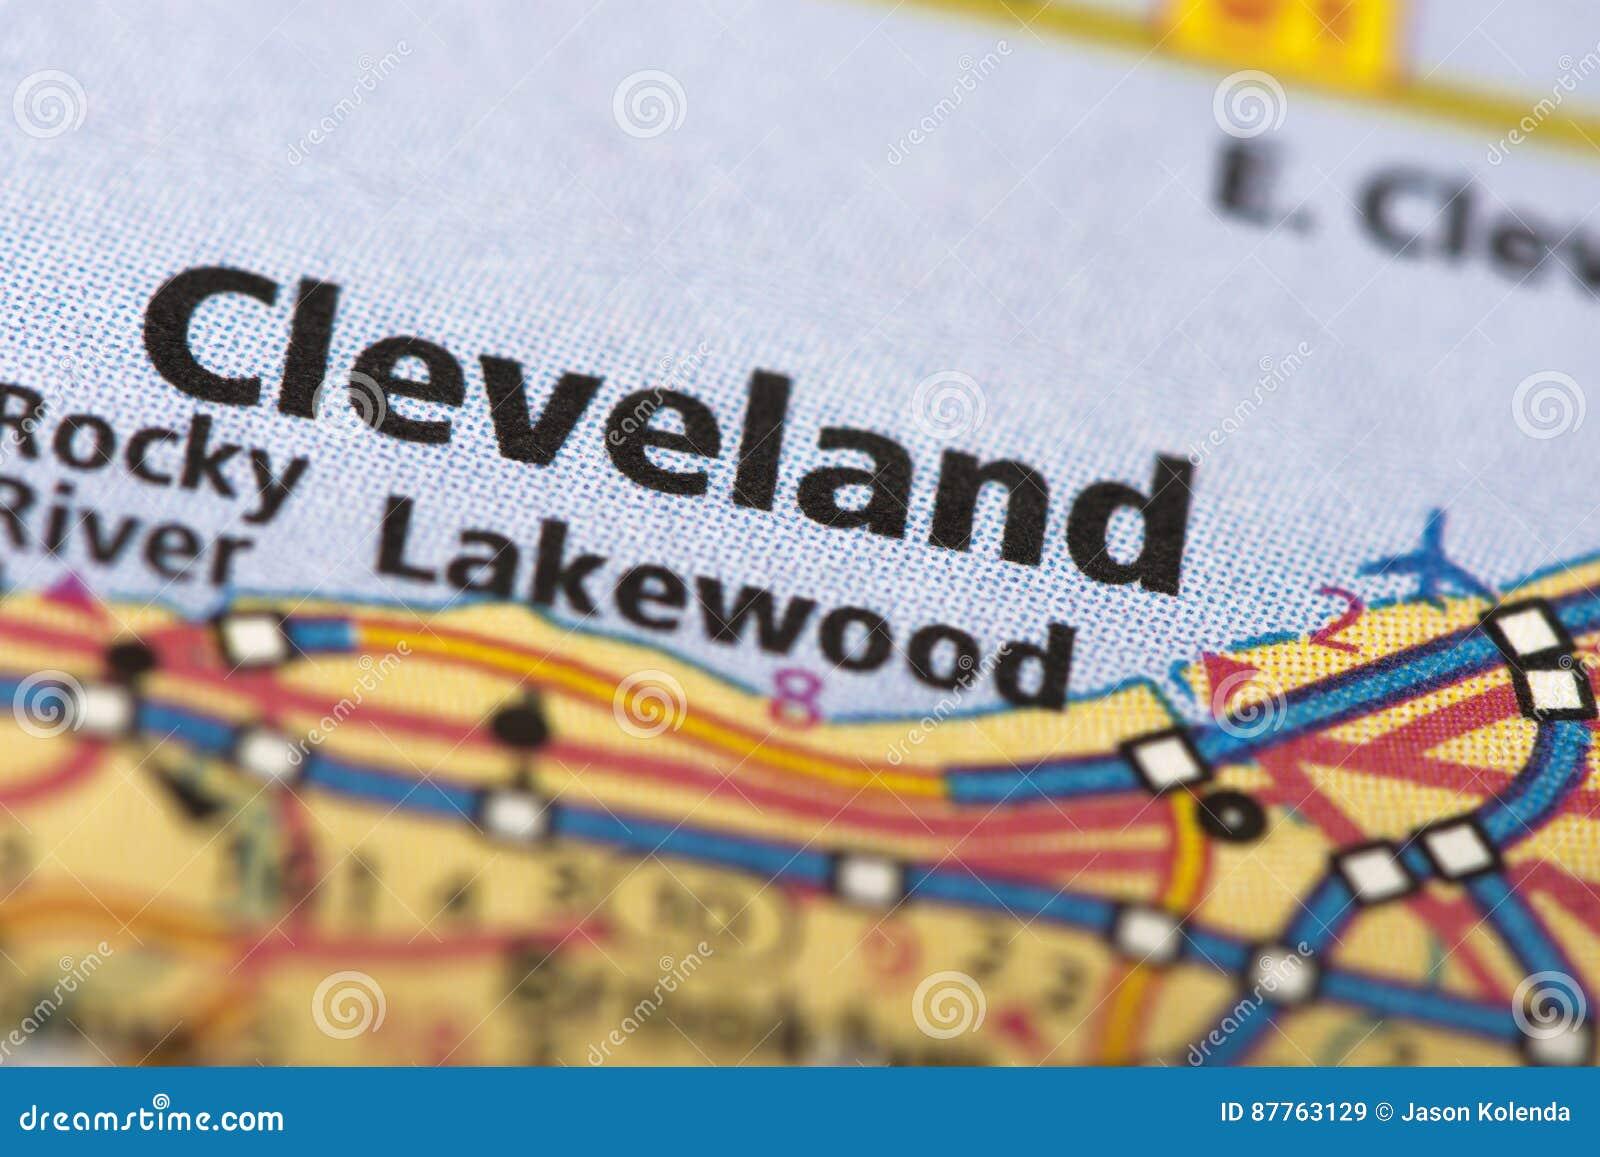 Cleveland, Ohio on map